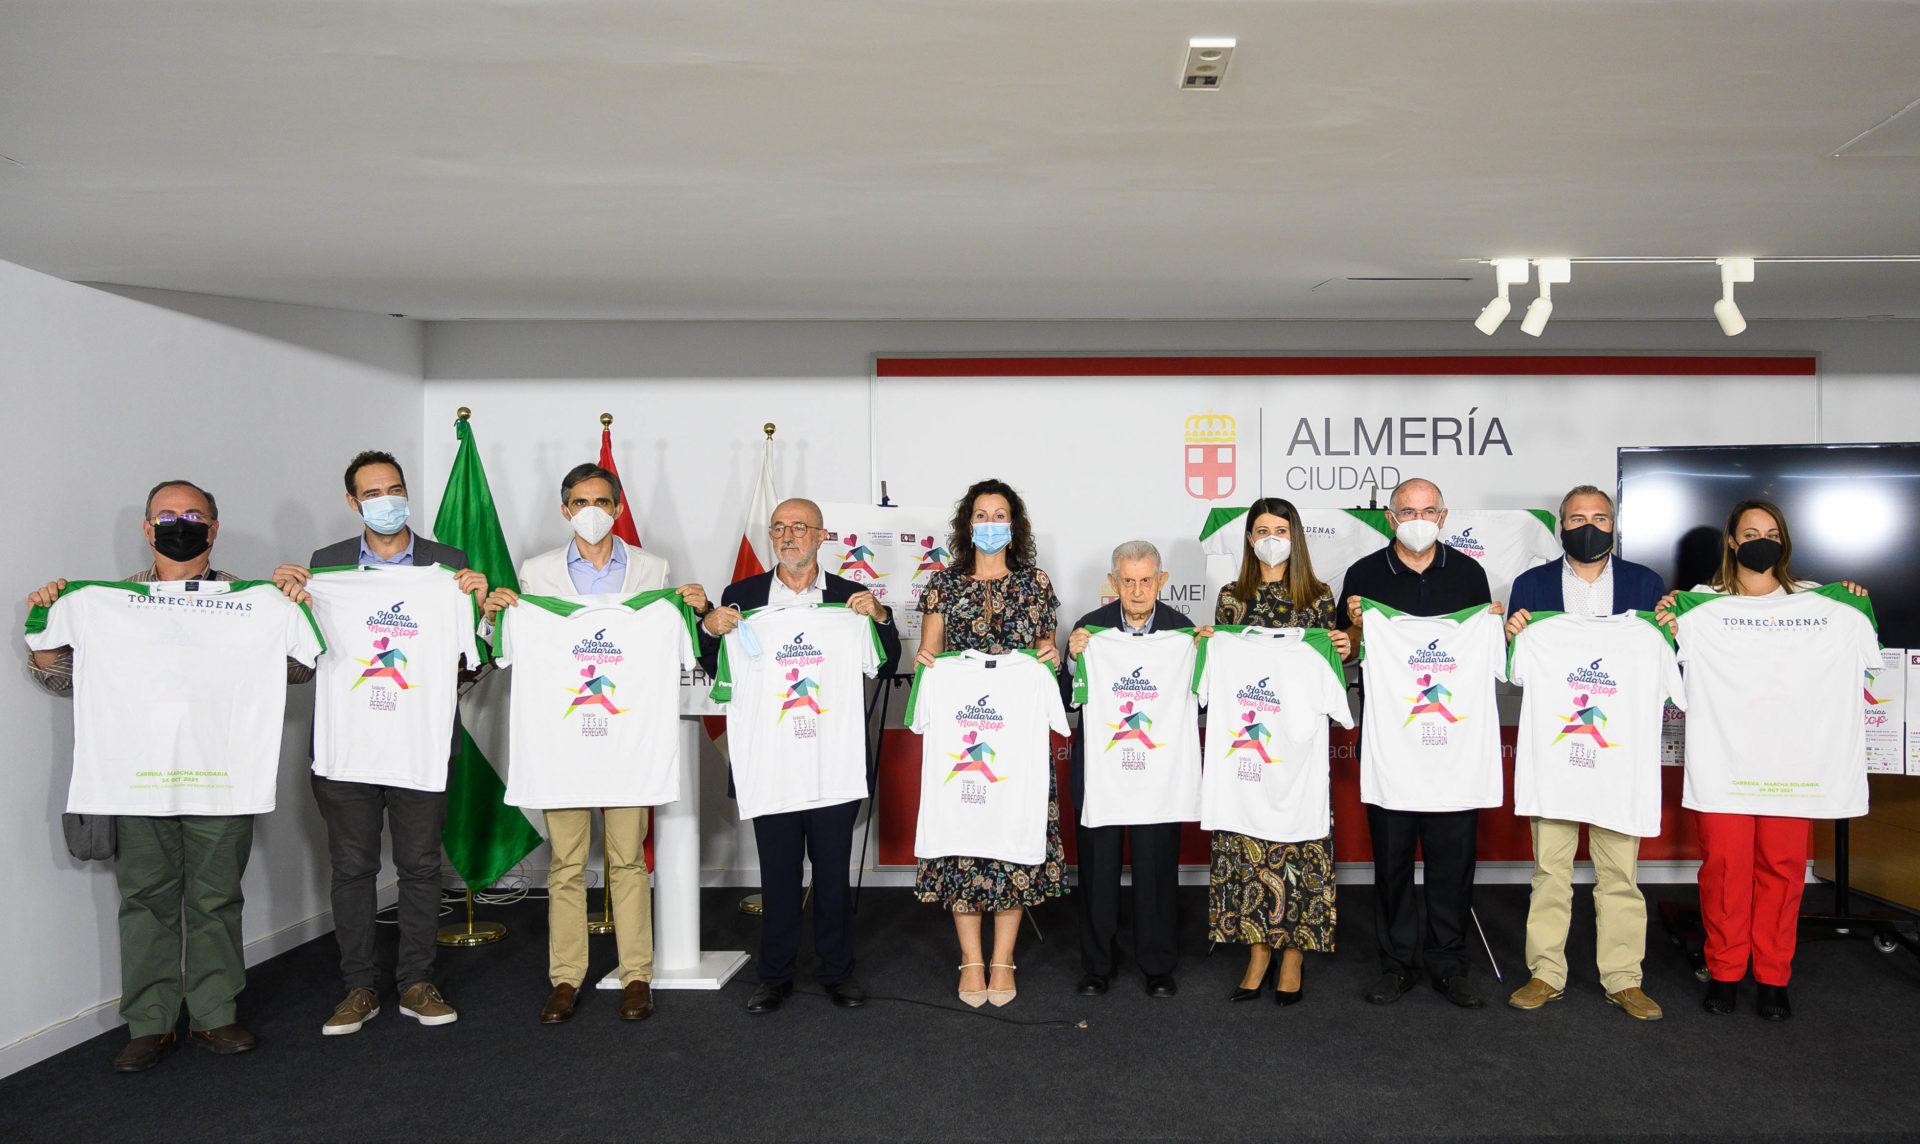 Las '6 Horas Non Stop' de la Fundación Jesús Peregrín servirán para abrir el colegio 'Ciudad de Almería' en Angola